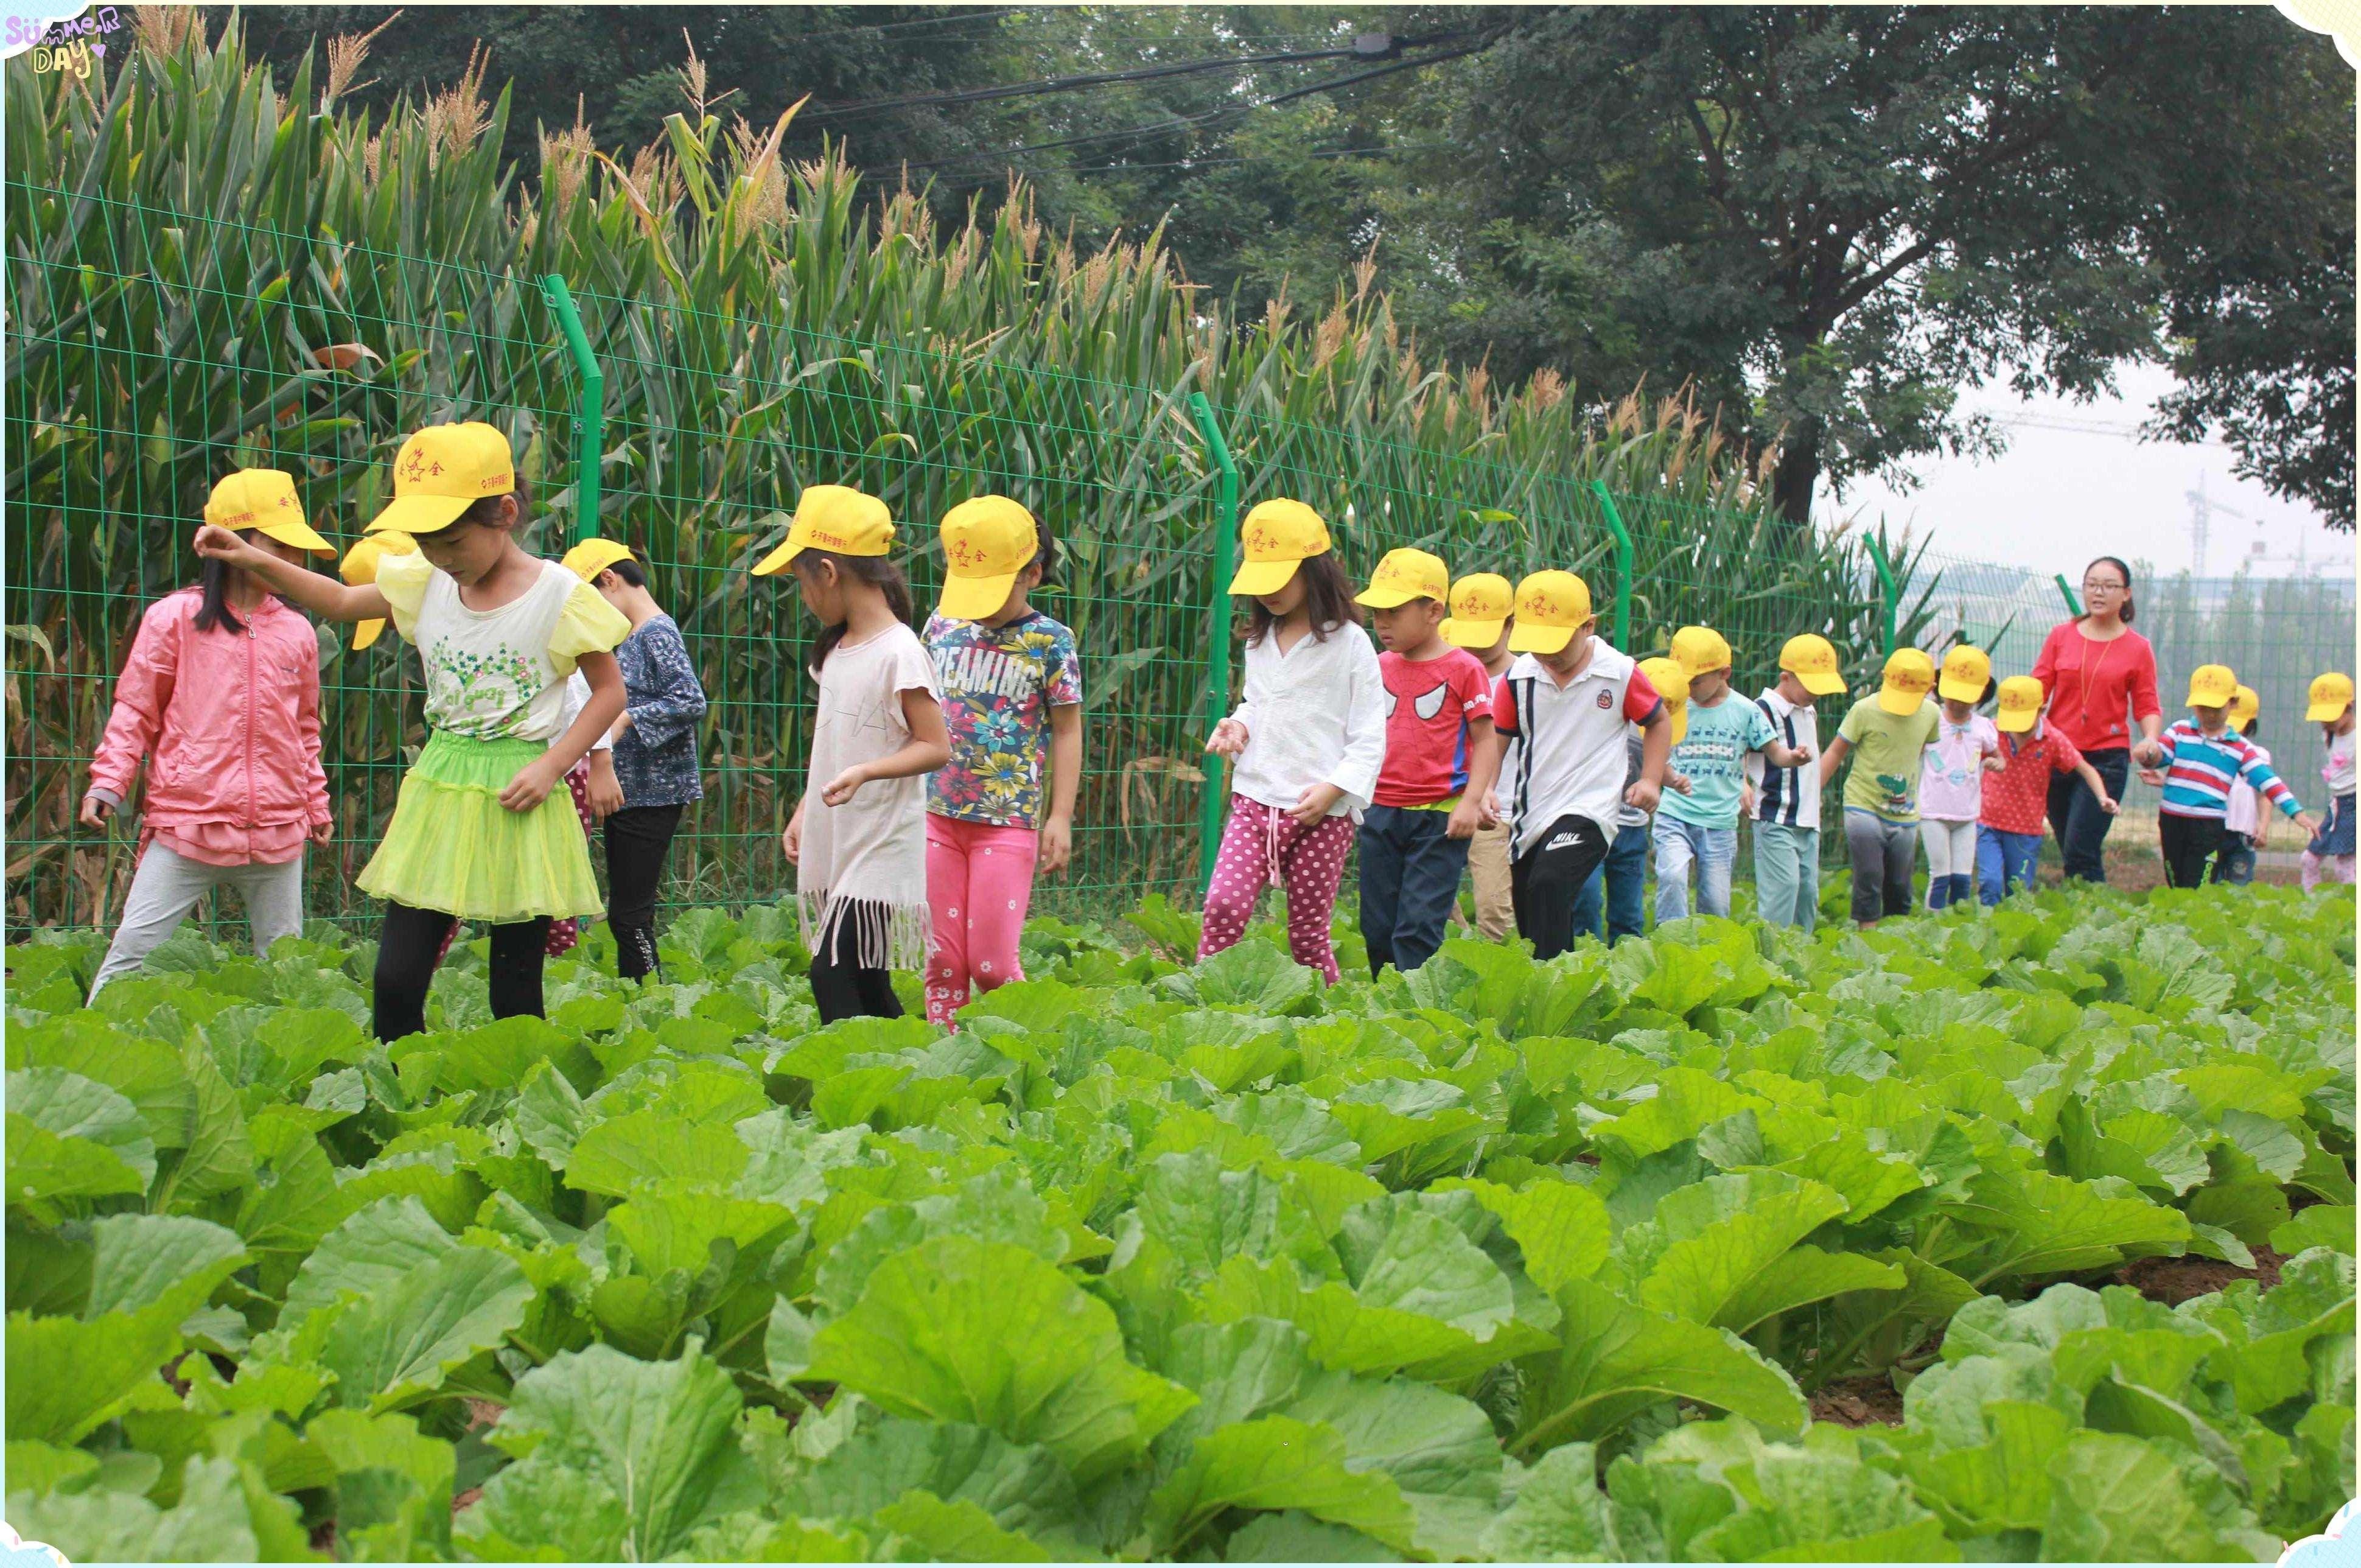 幼儿园+农场,另一种儿童教育打开模式?这些地方已经悄悄实现了……